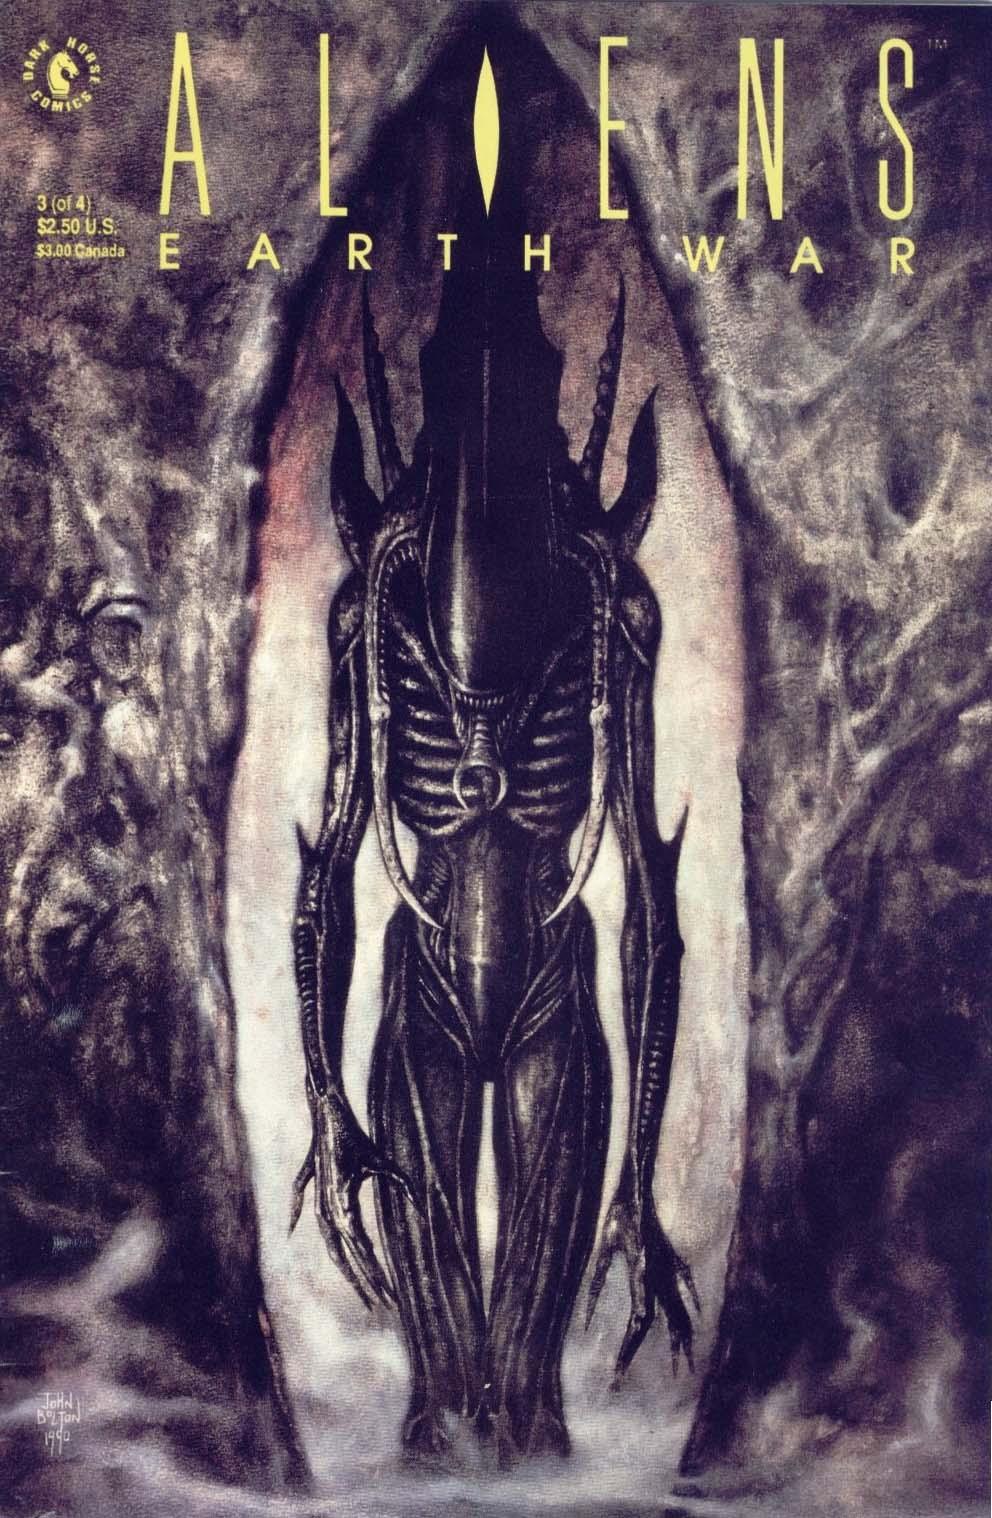 Read online Aliens: Earth War comic -  Issue #3 - 1